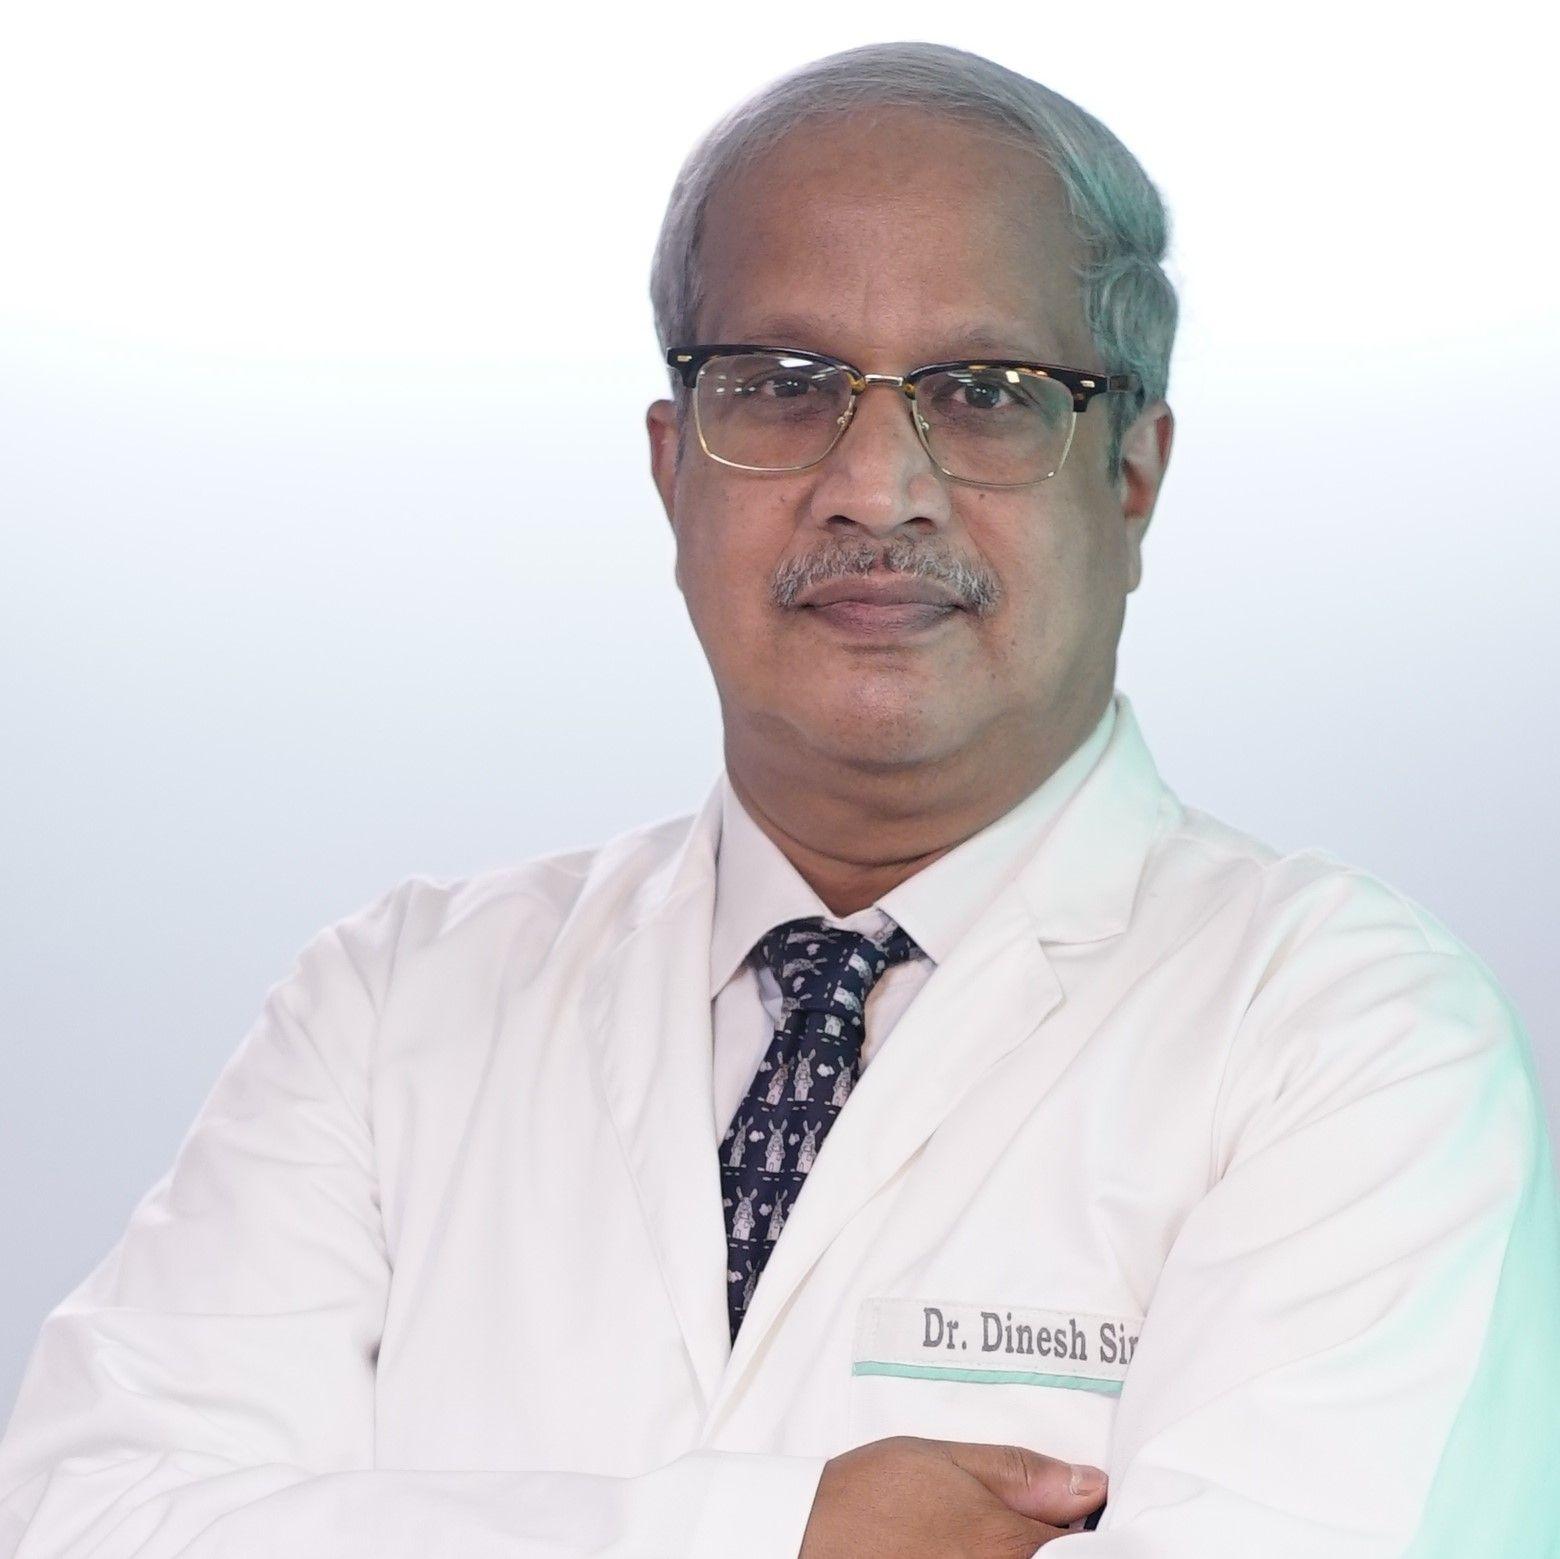 Dr. Dinesh Singhal